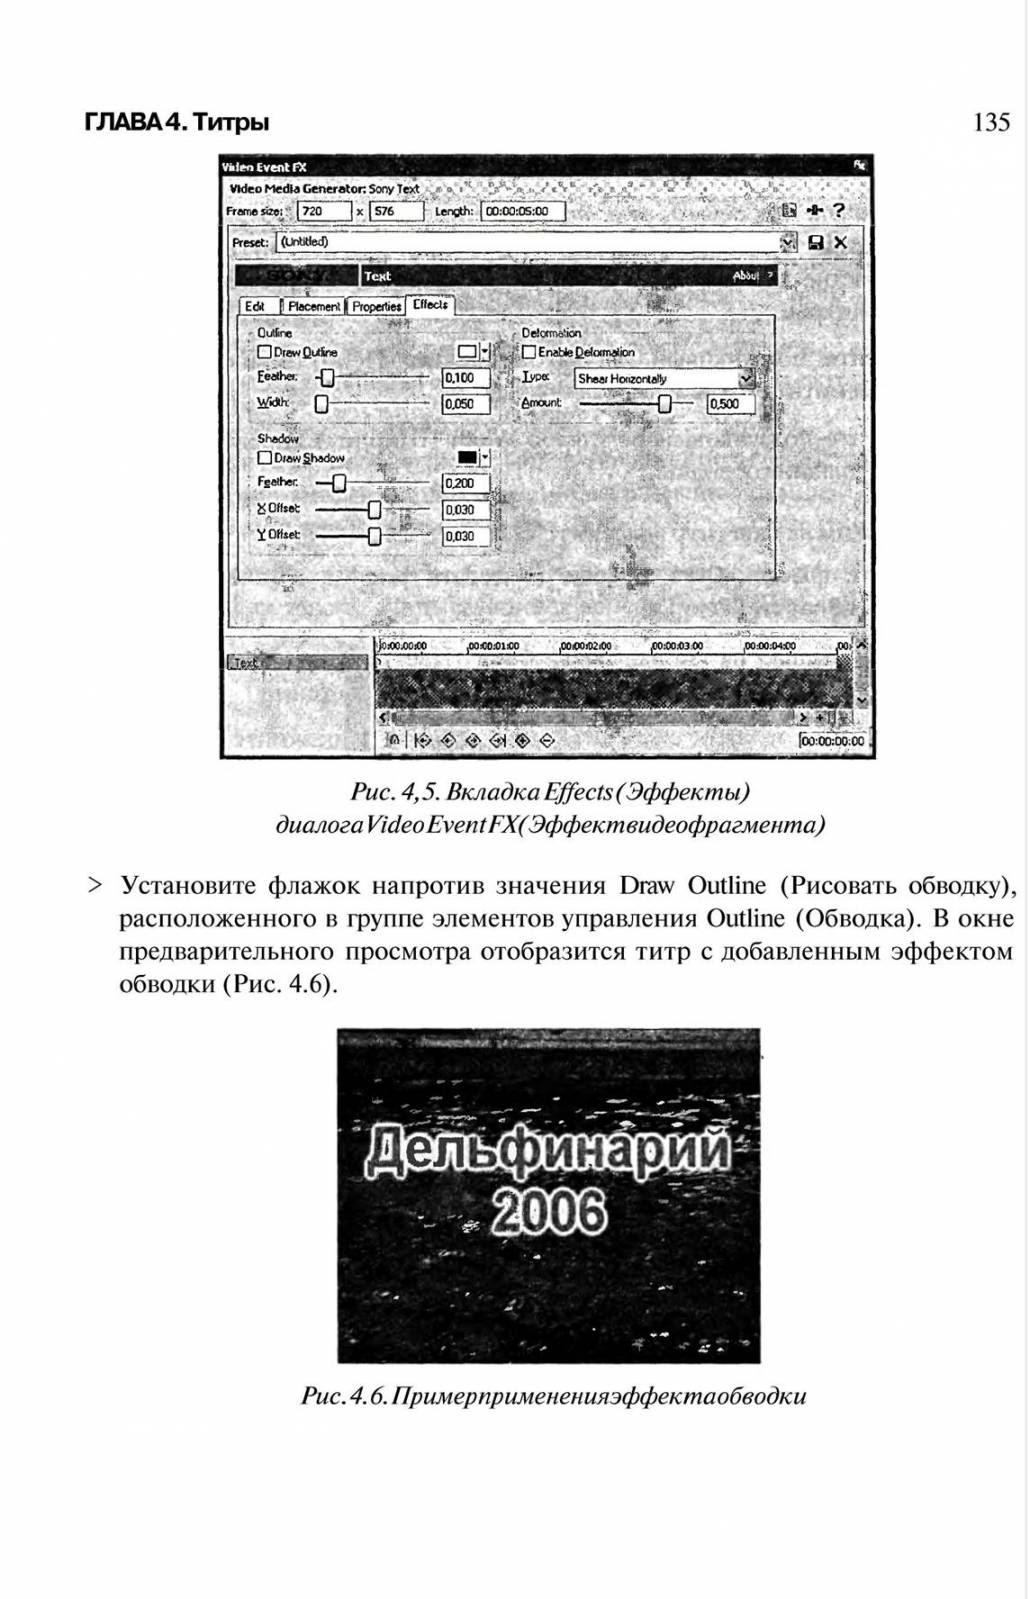 http://redaktori-uroki.3dn.ru/_ph/6/527230021.jpg